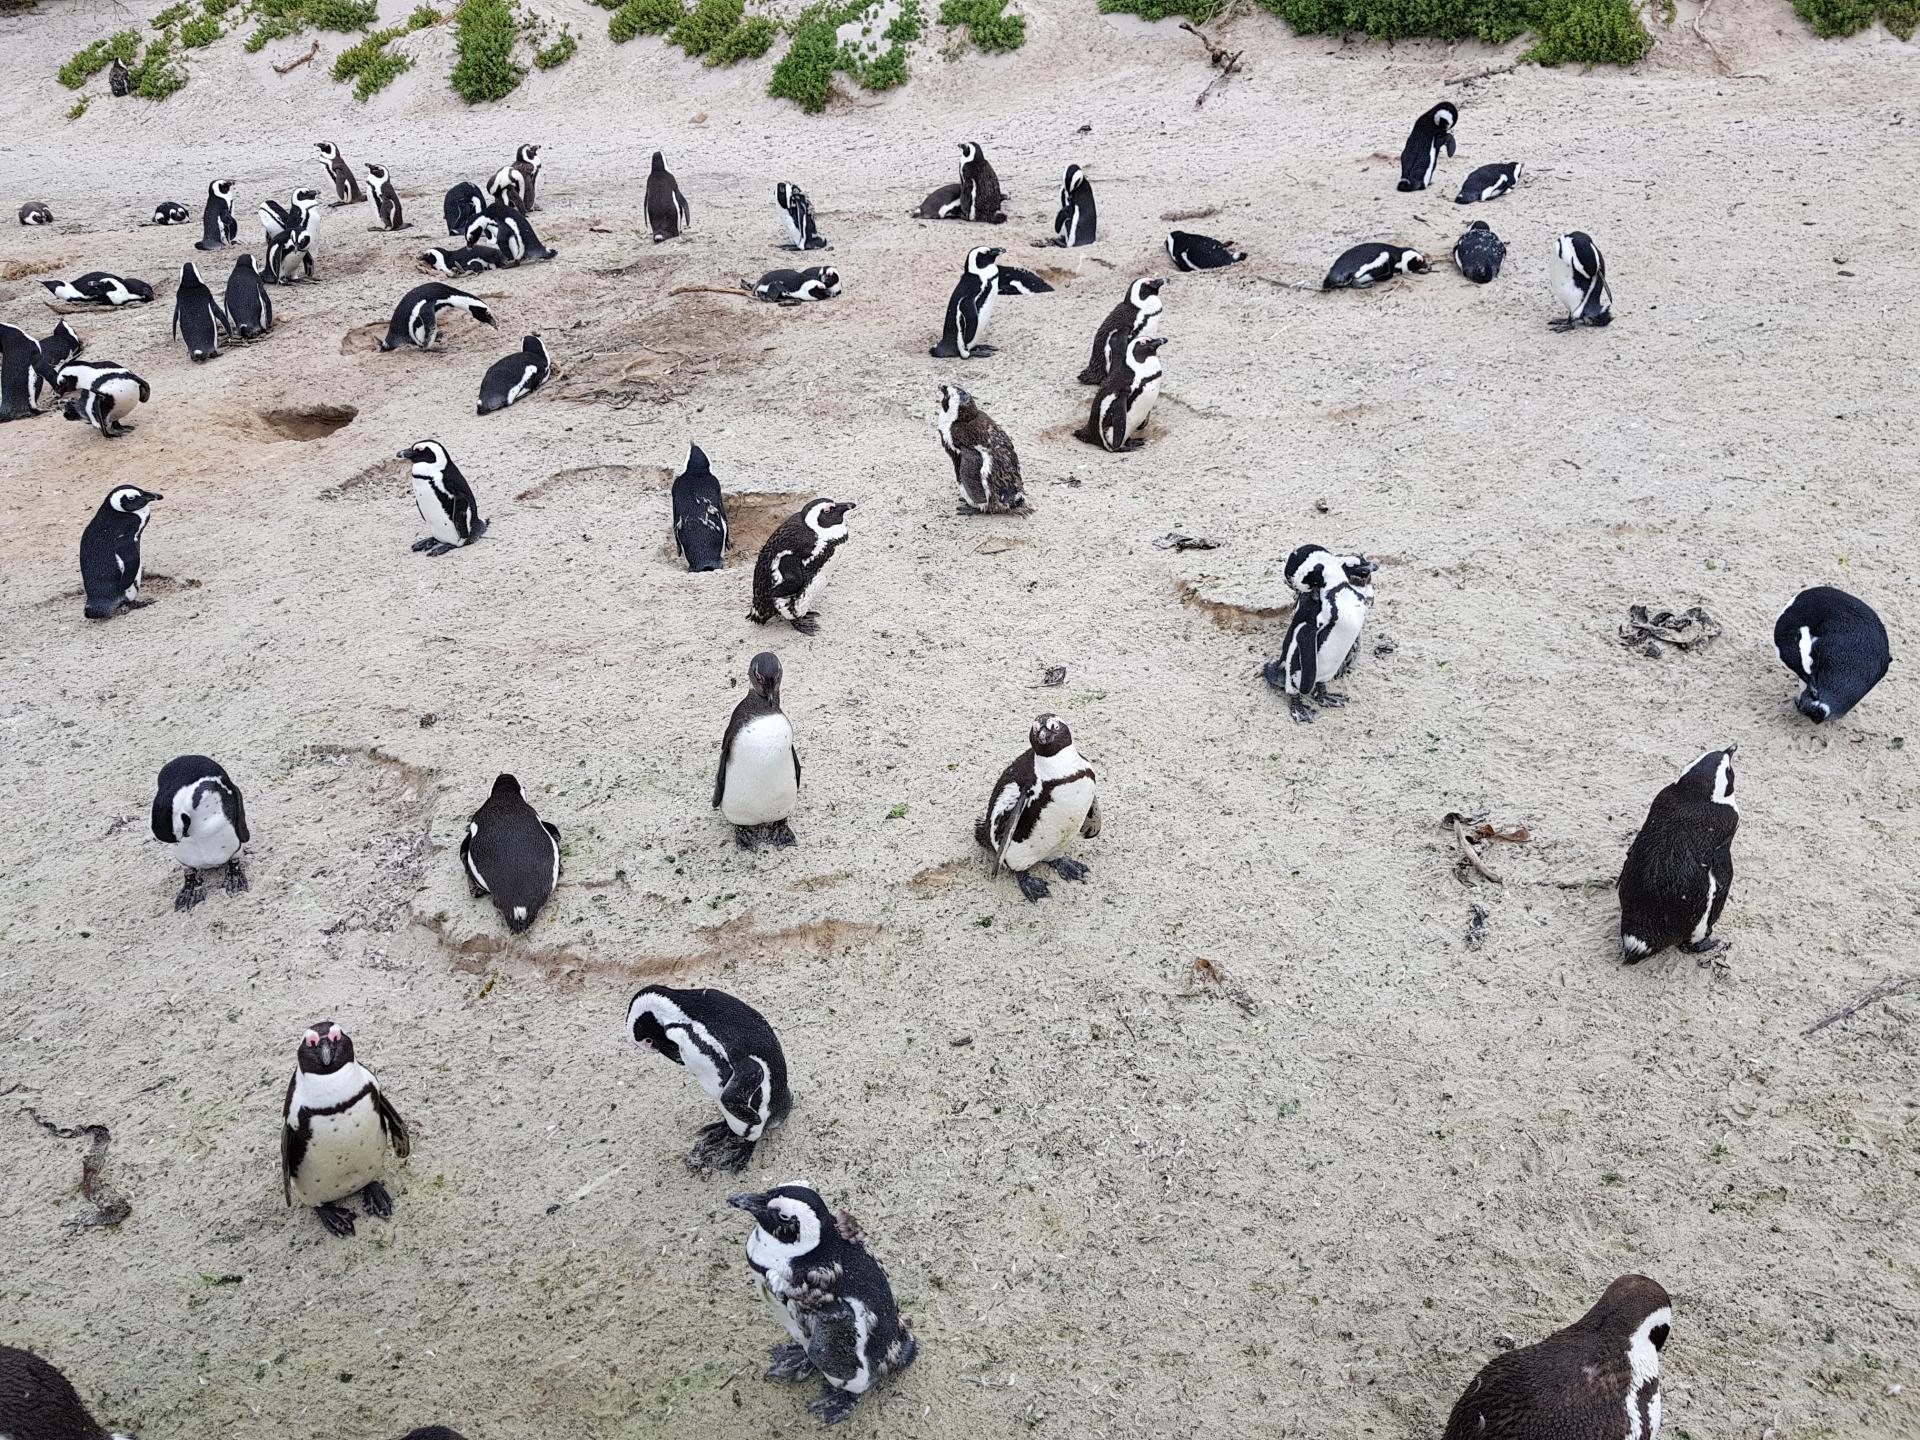 колония пингвинов недалеко от Кейптауна